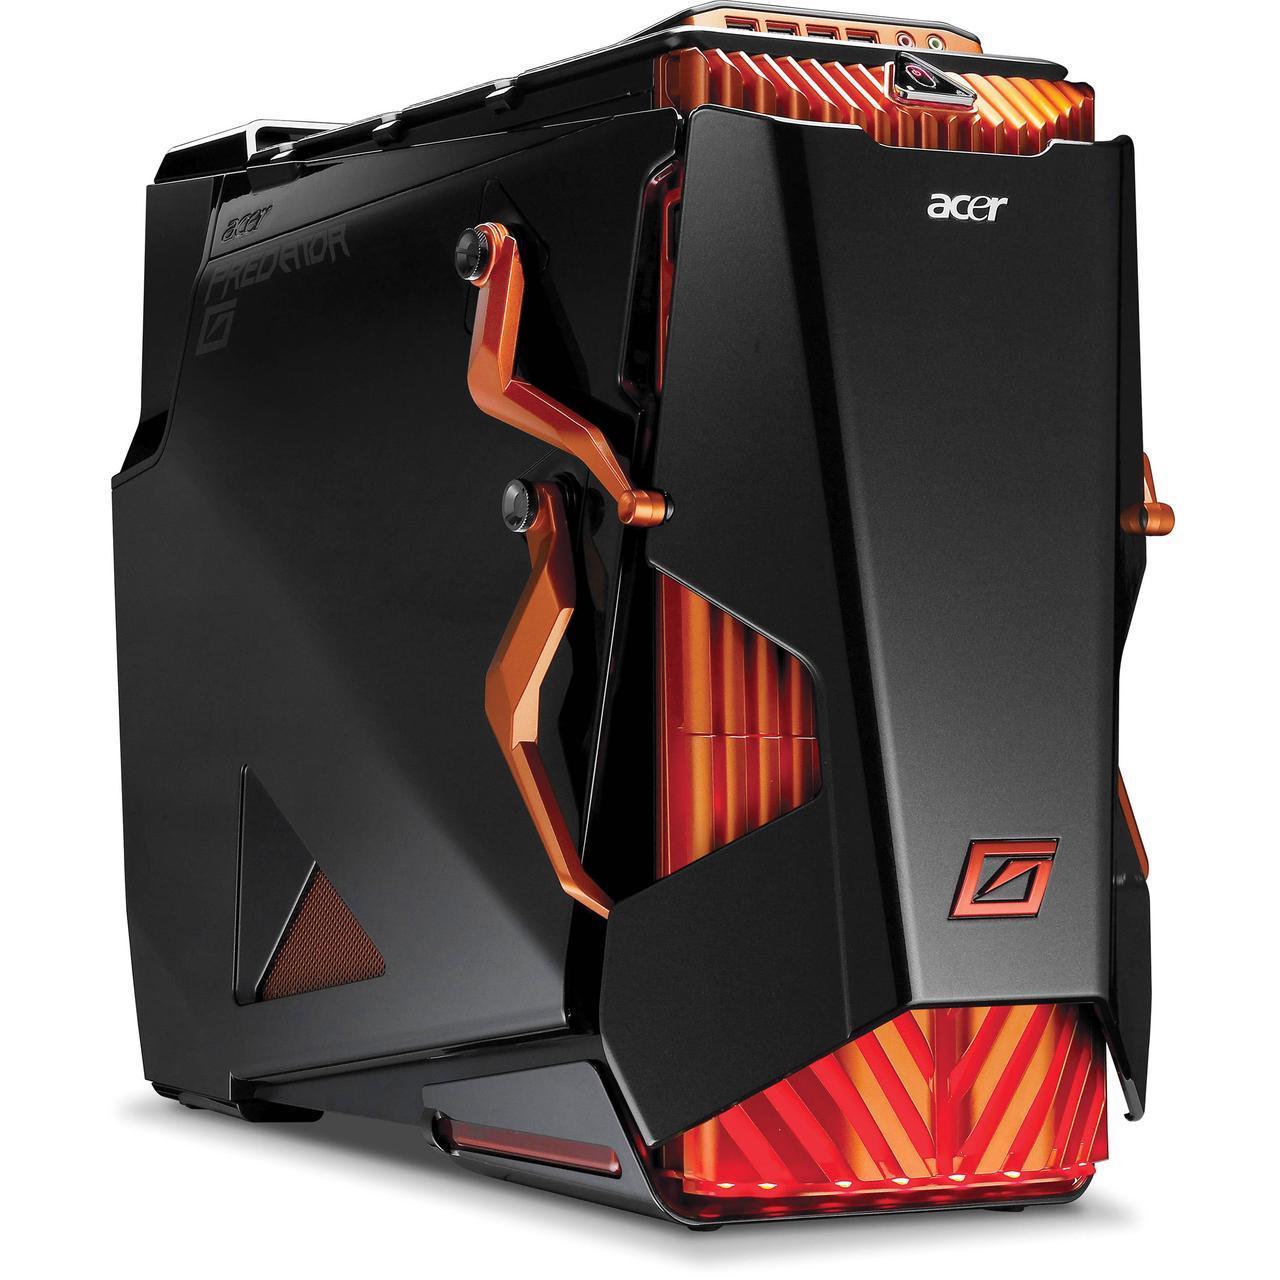 Ремонт ноутбуков и компьютеров Acer Aspire Predator